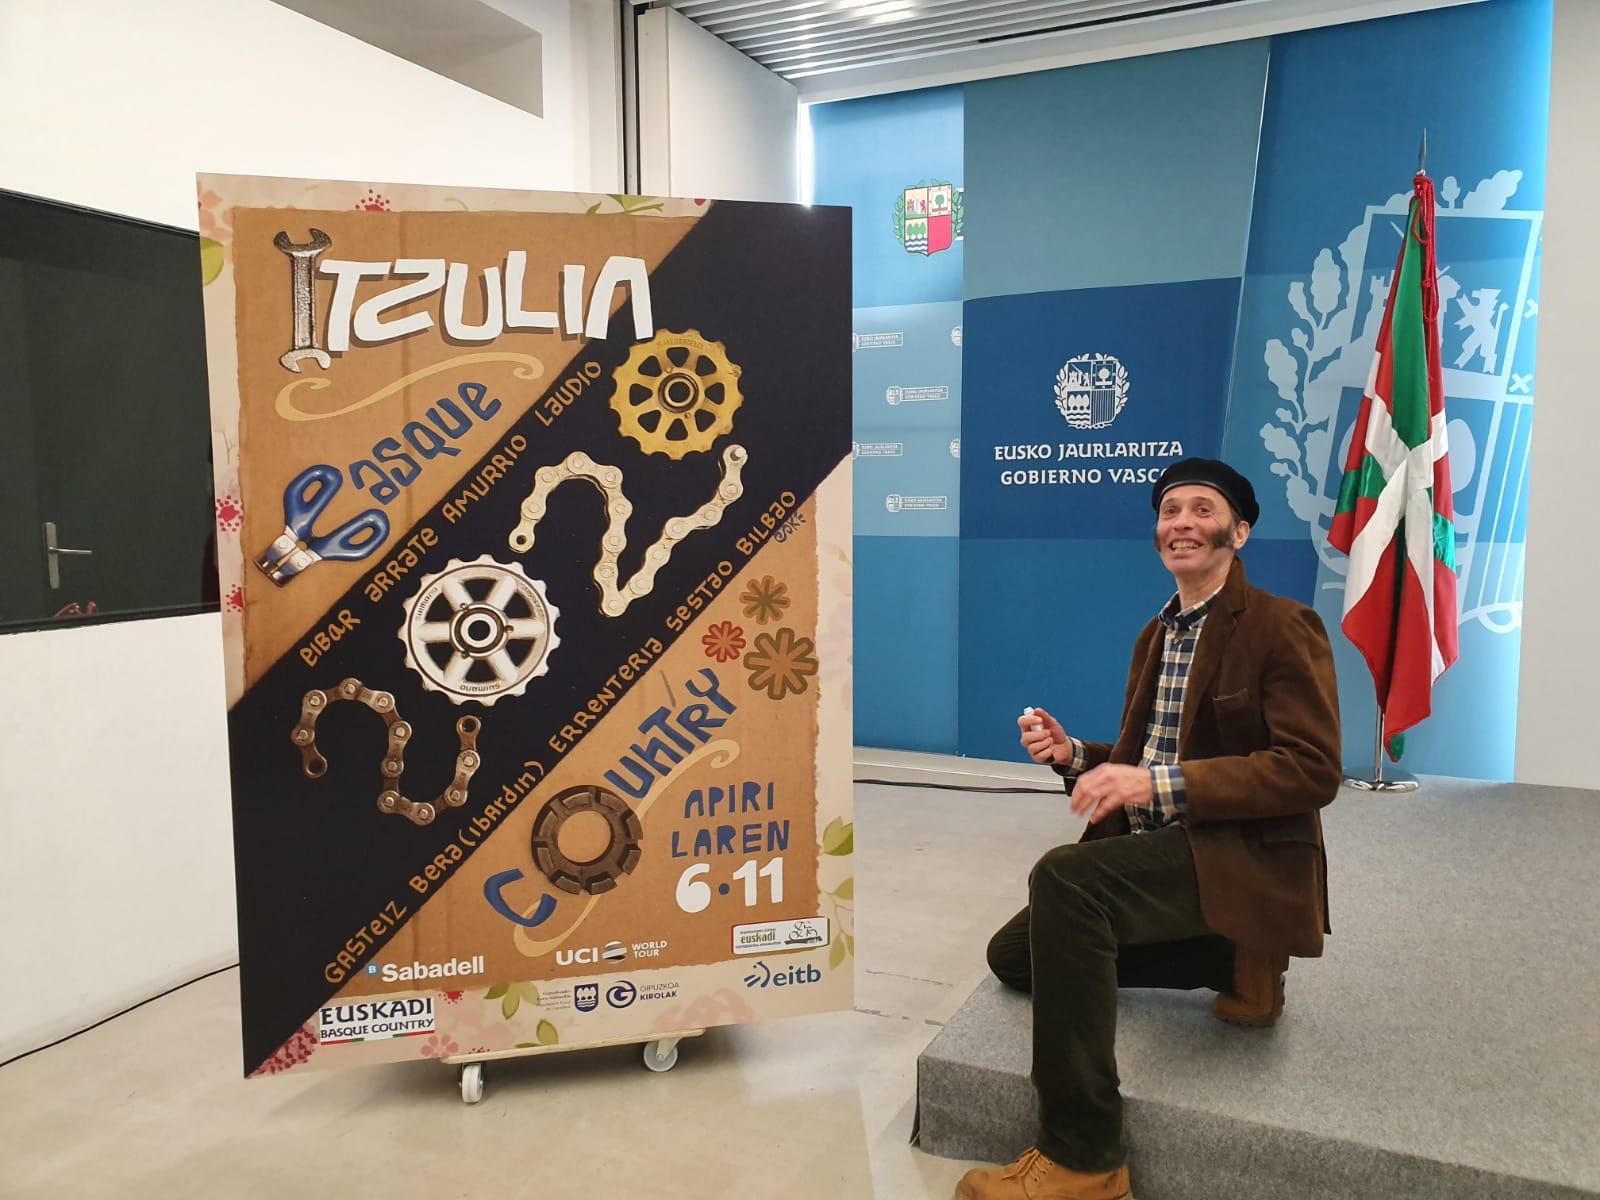 La Itzulia ha presentado su cartel de este año, obra del artista navarro Asisko Urmeneta, ganador del Premio Euskadi de Literatura en la modalidad de Ilustración de una Obra Literaria